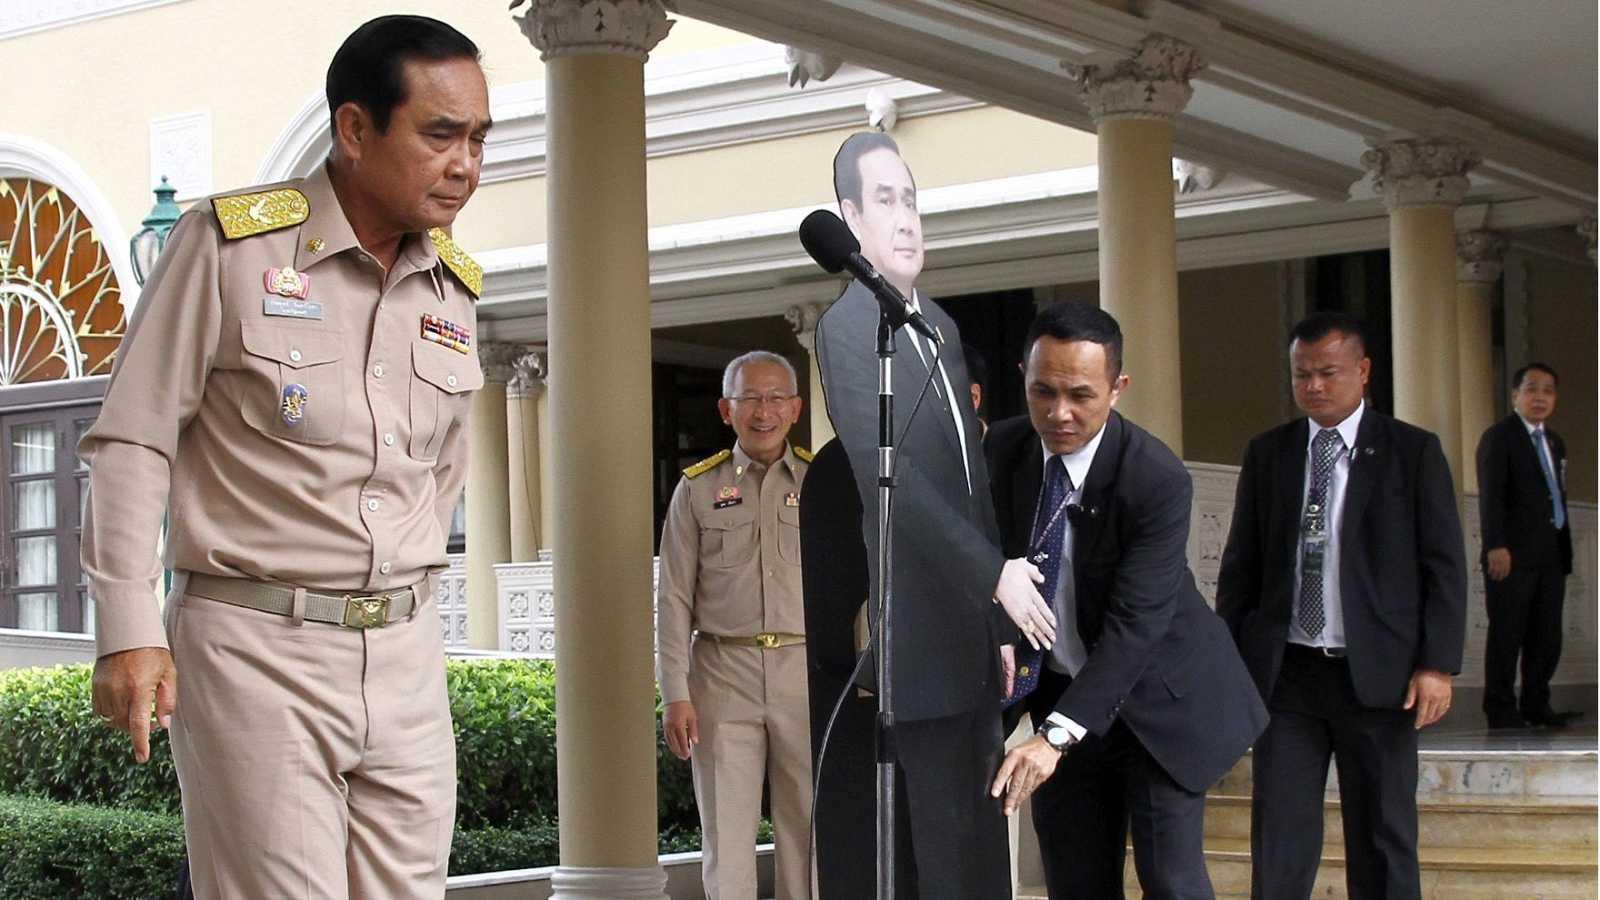 El Primer ministro de Tailandia deja una copia suya para evitar las preguntas de los periodistas